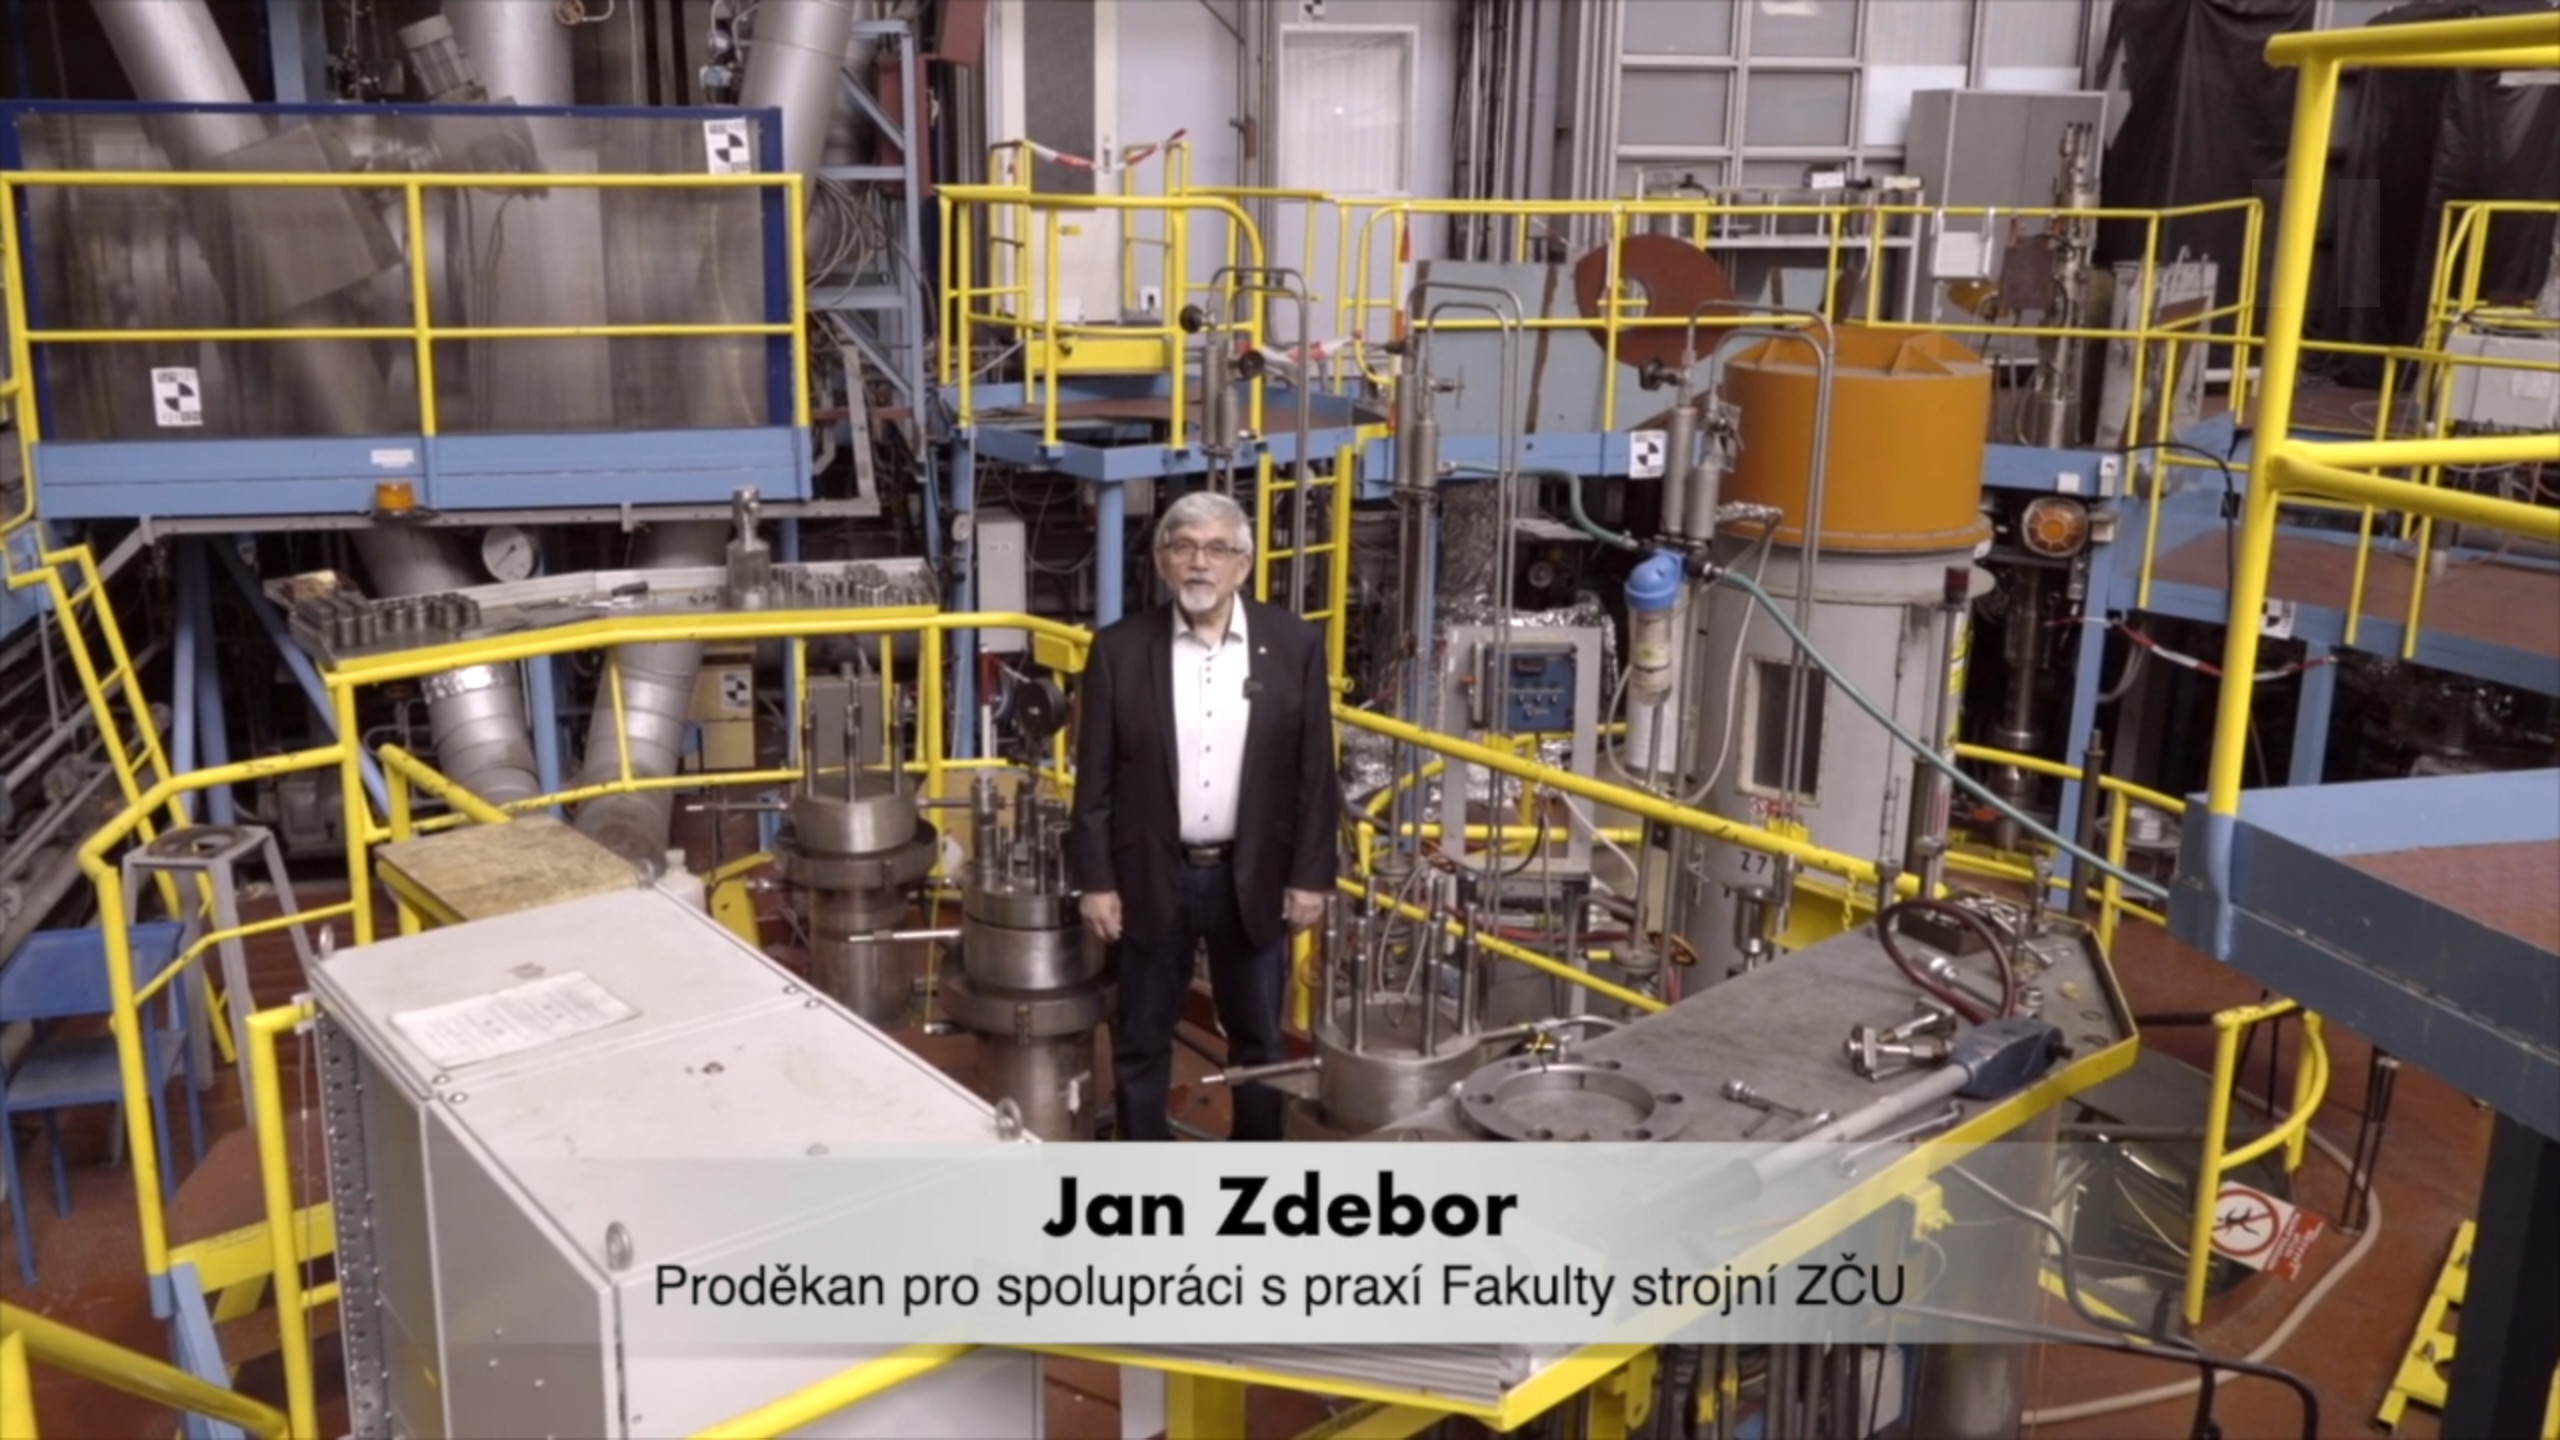 65 let: Jan Zdebor – Československý průmysl zvládl to, co málo firem na světě